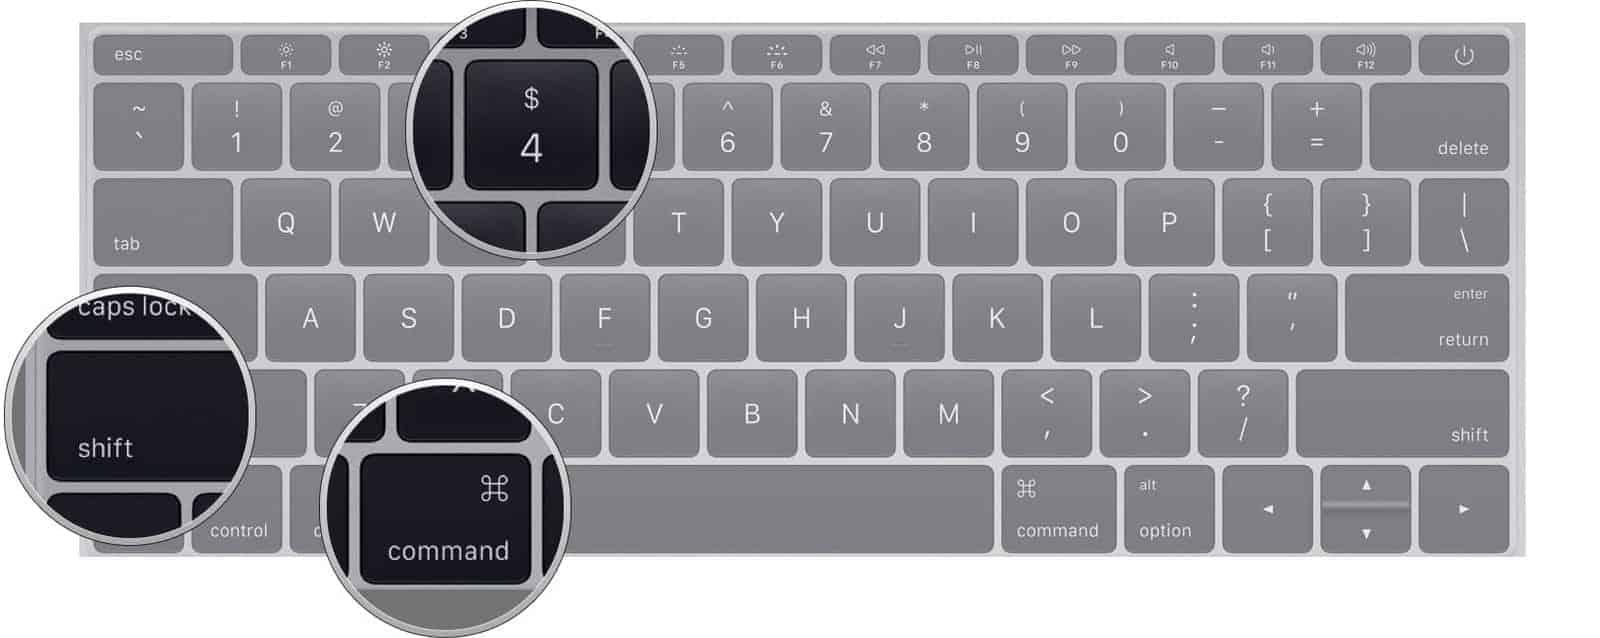 Macde ekran goruntusu alma - belirli bir alan